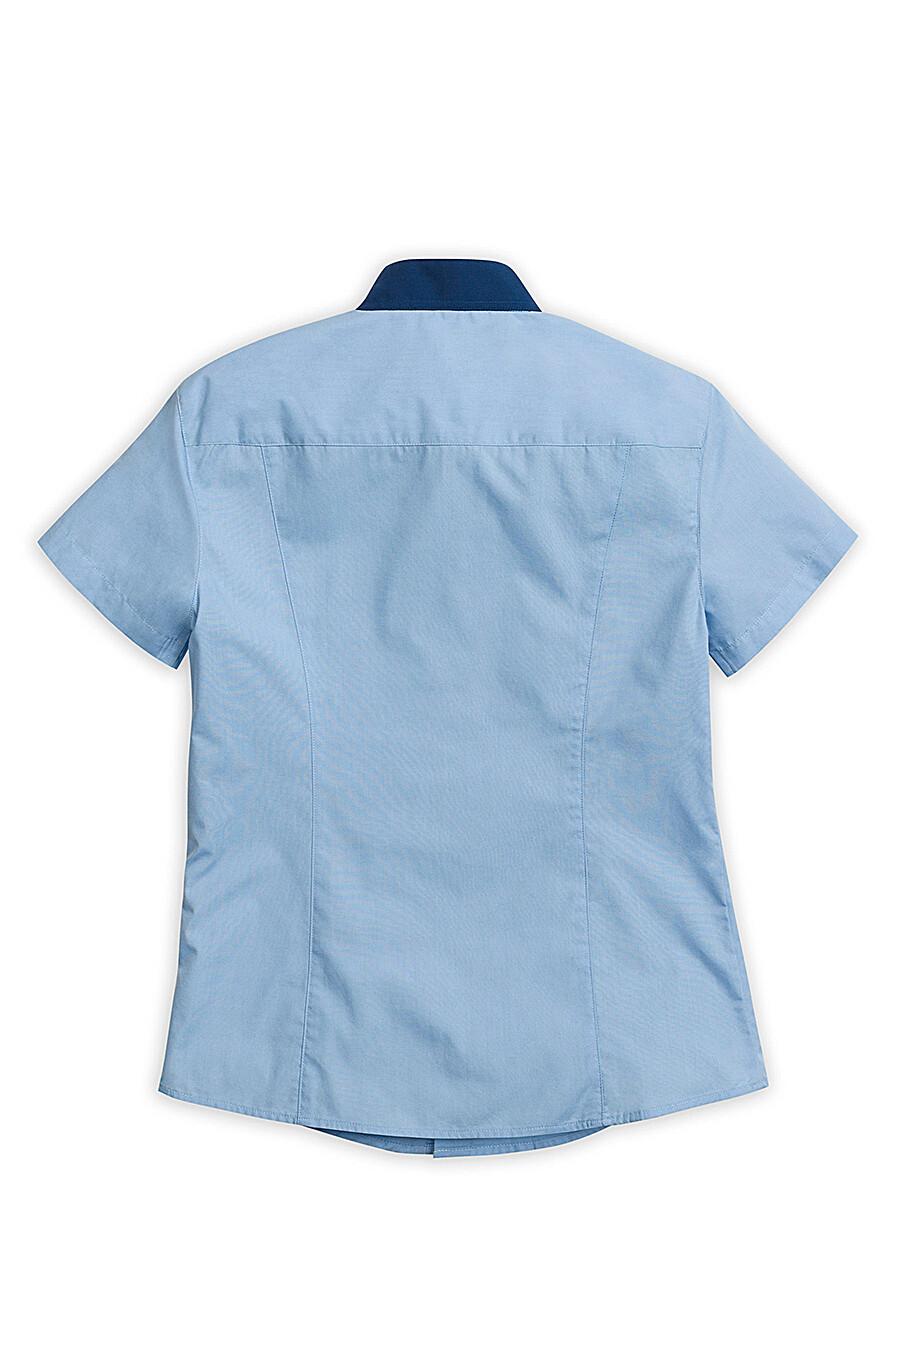 Сорочка для мальчиков PELICAN 218558 купить оптом от производителя. Совместная покупка детской одежды в OptMoyo